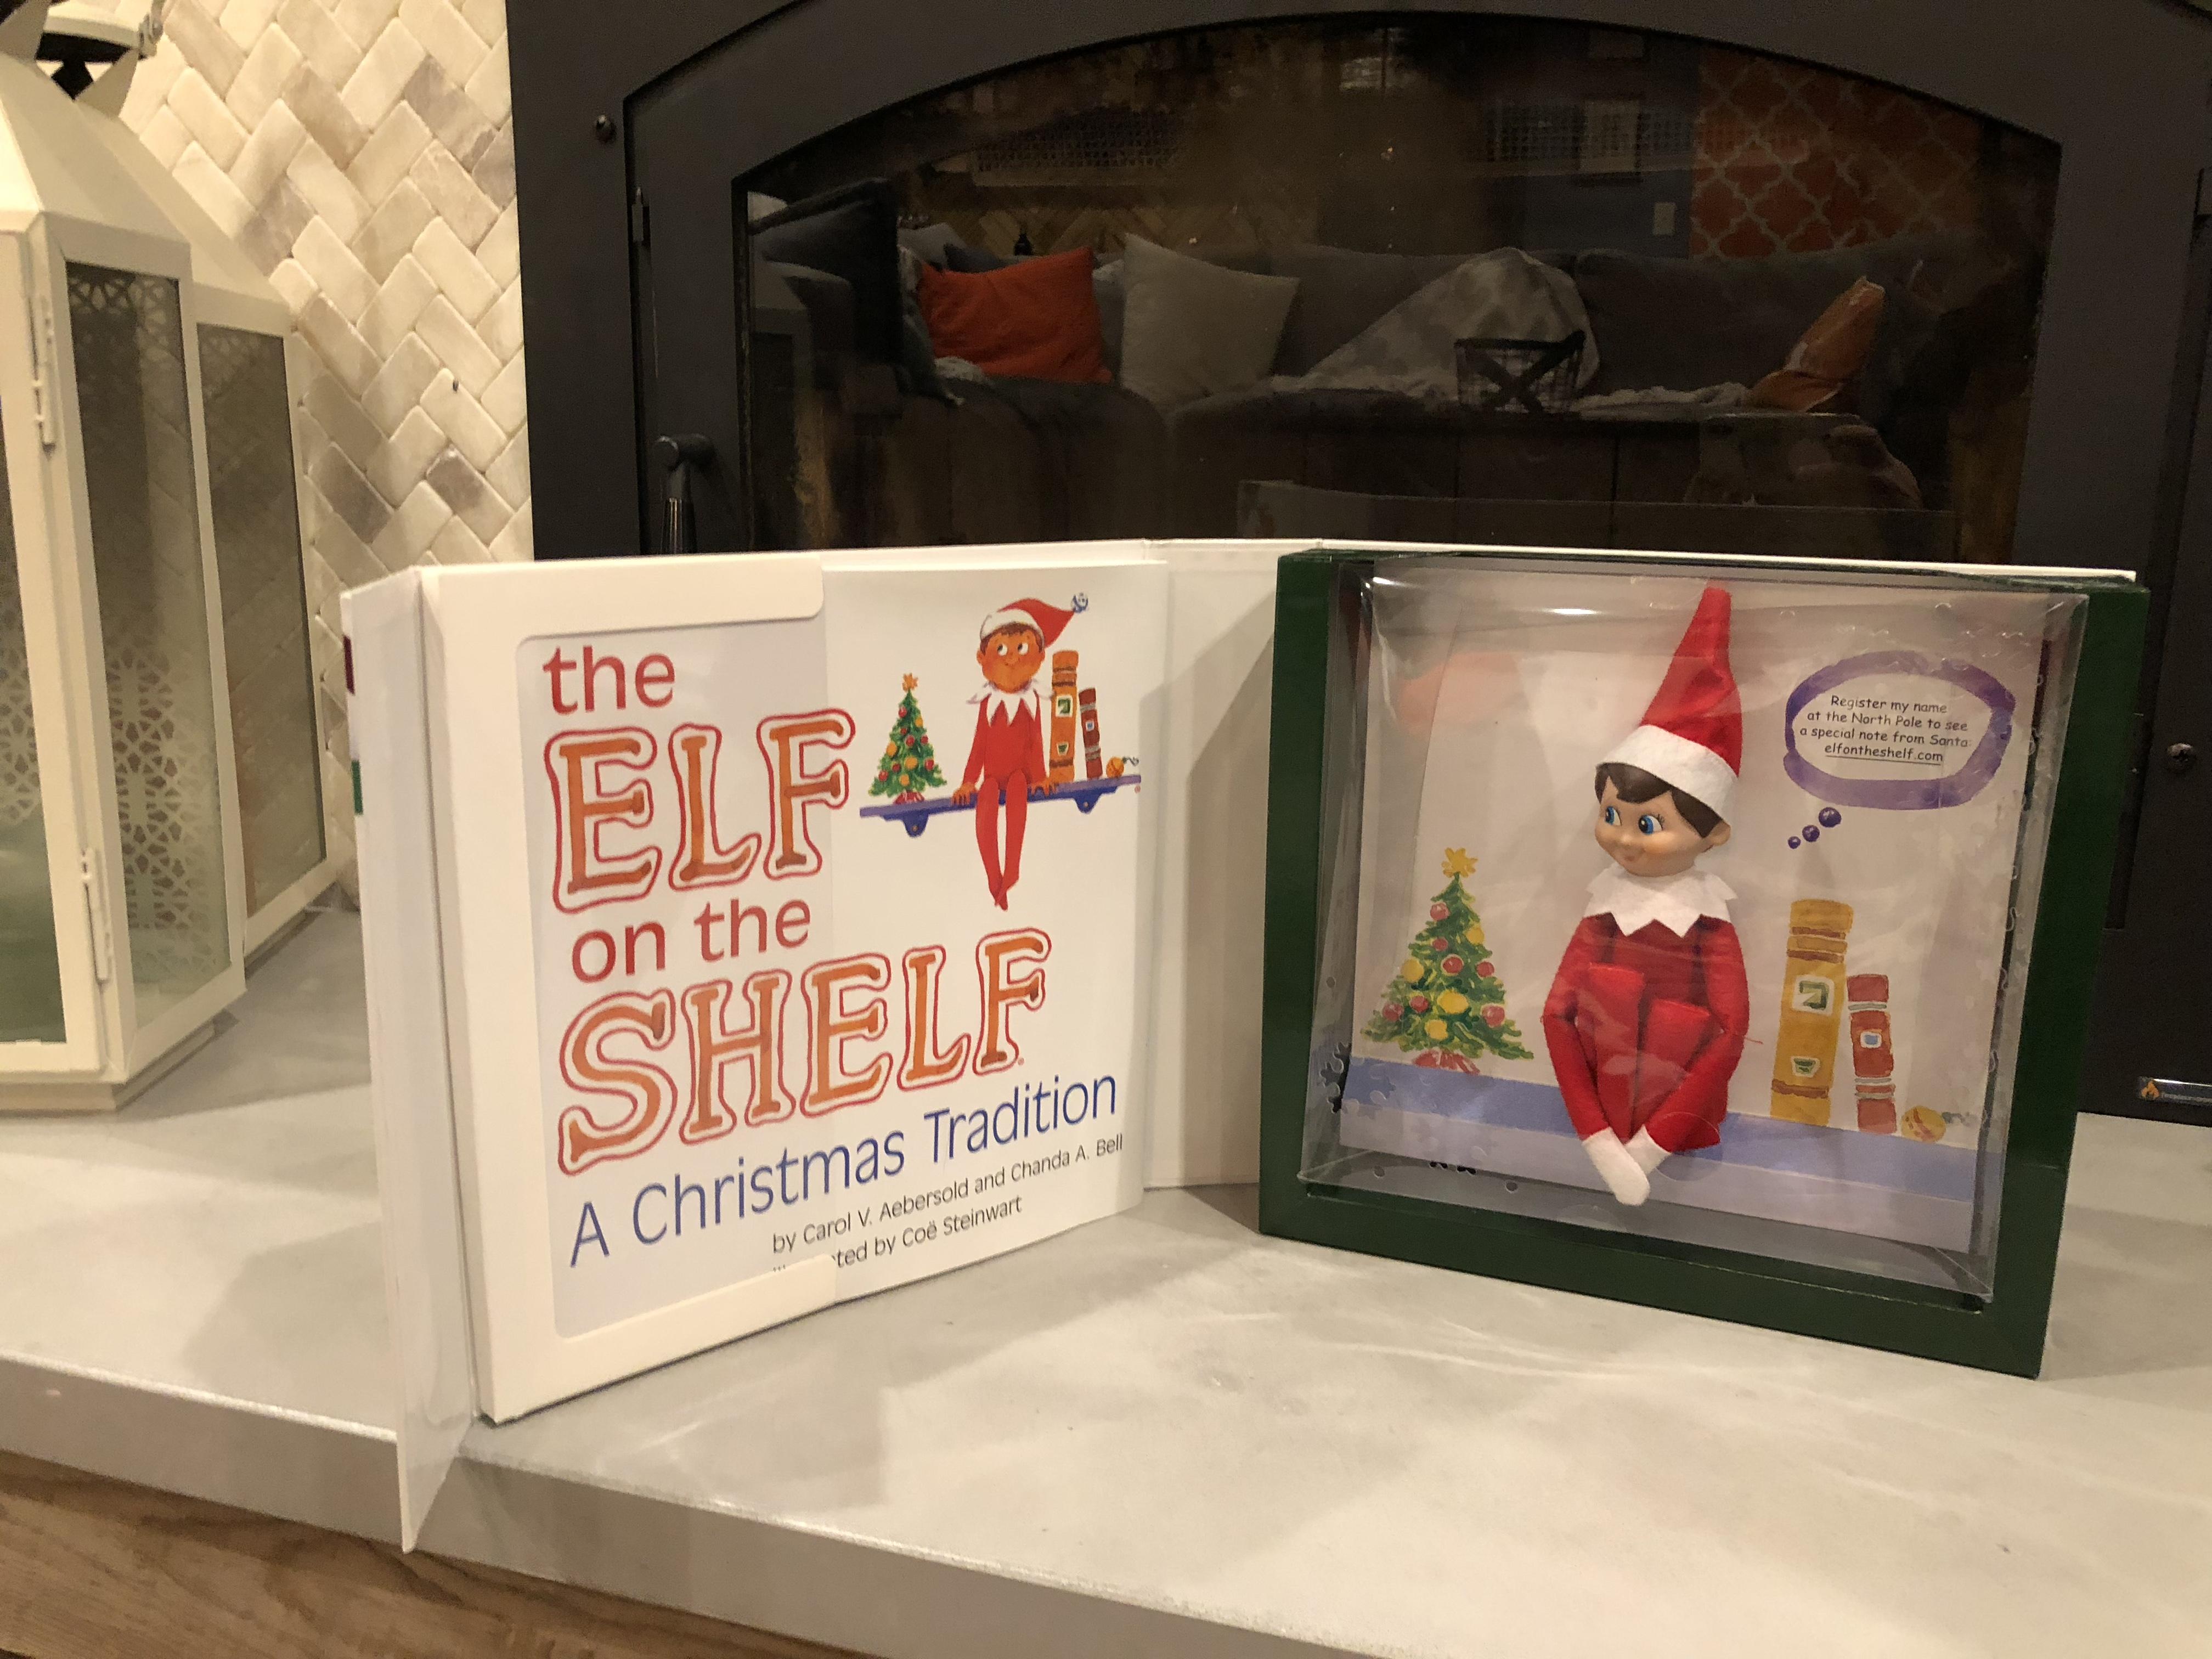 Elf on a Shelf tradition